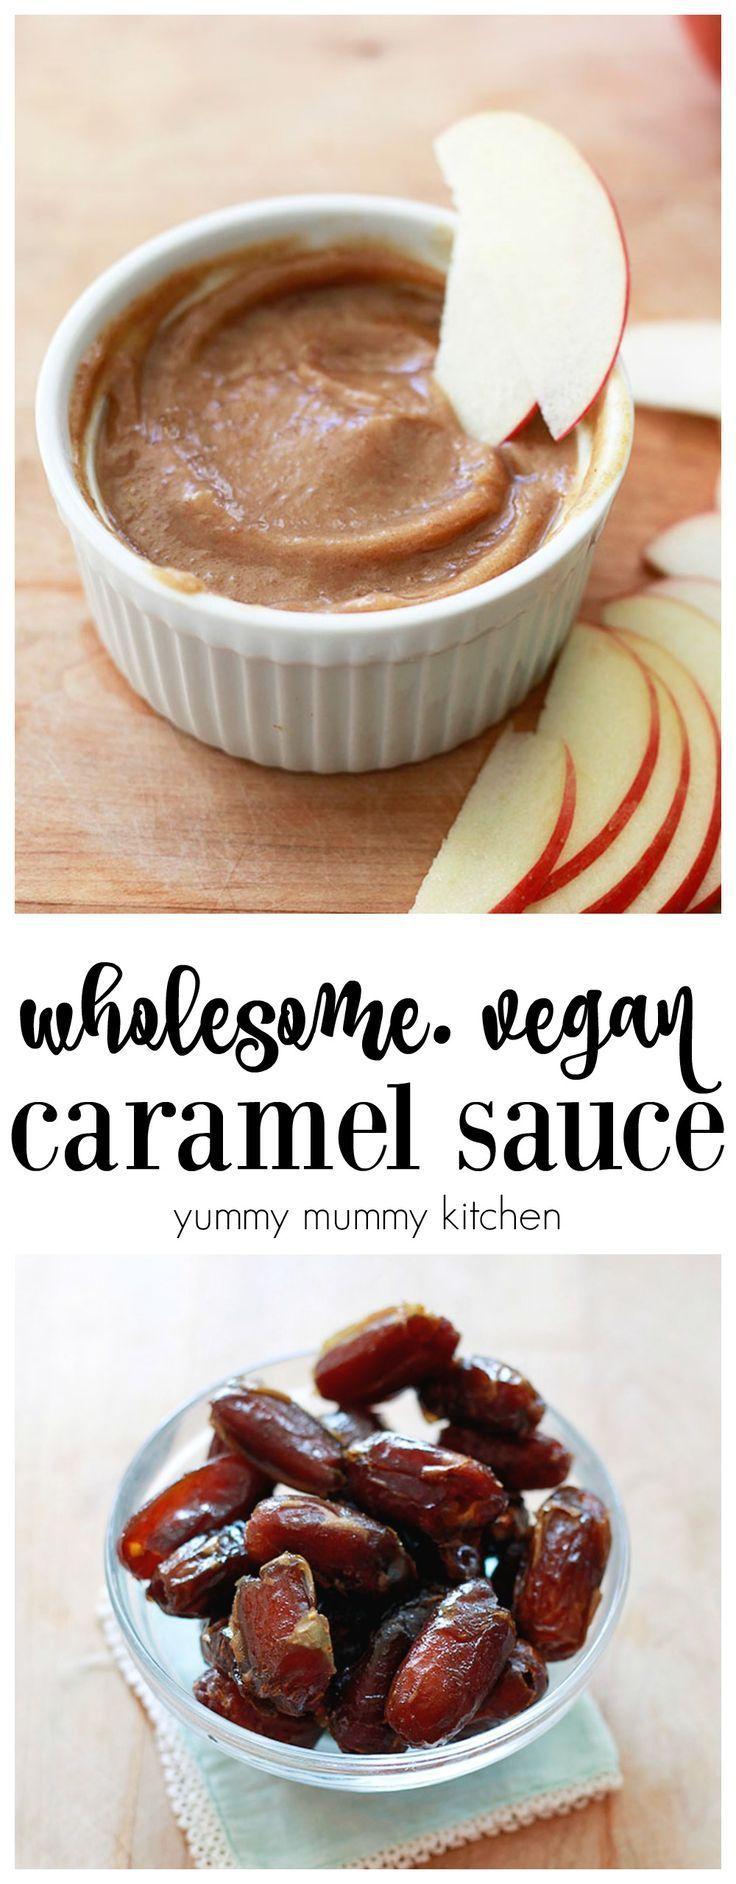 Vegan date caramel sauce recipe. Delicious, natural, healthy caramel dip made with dates.